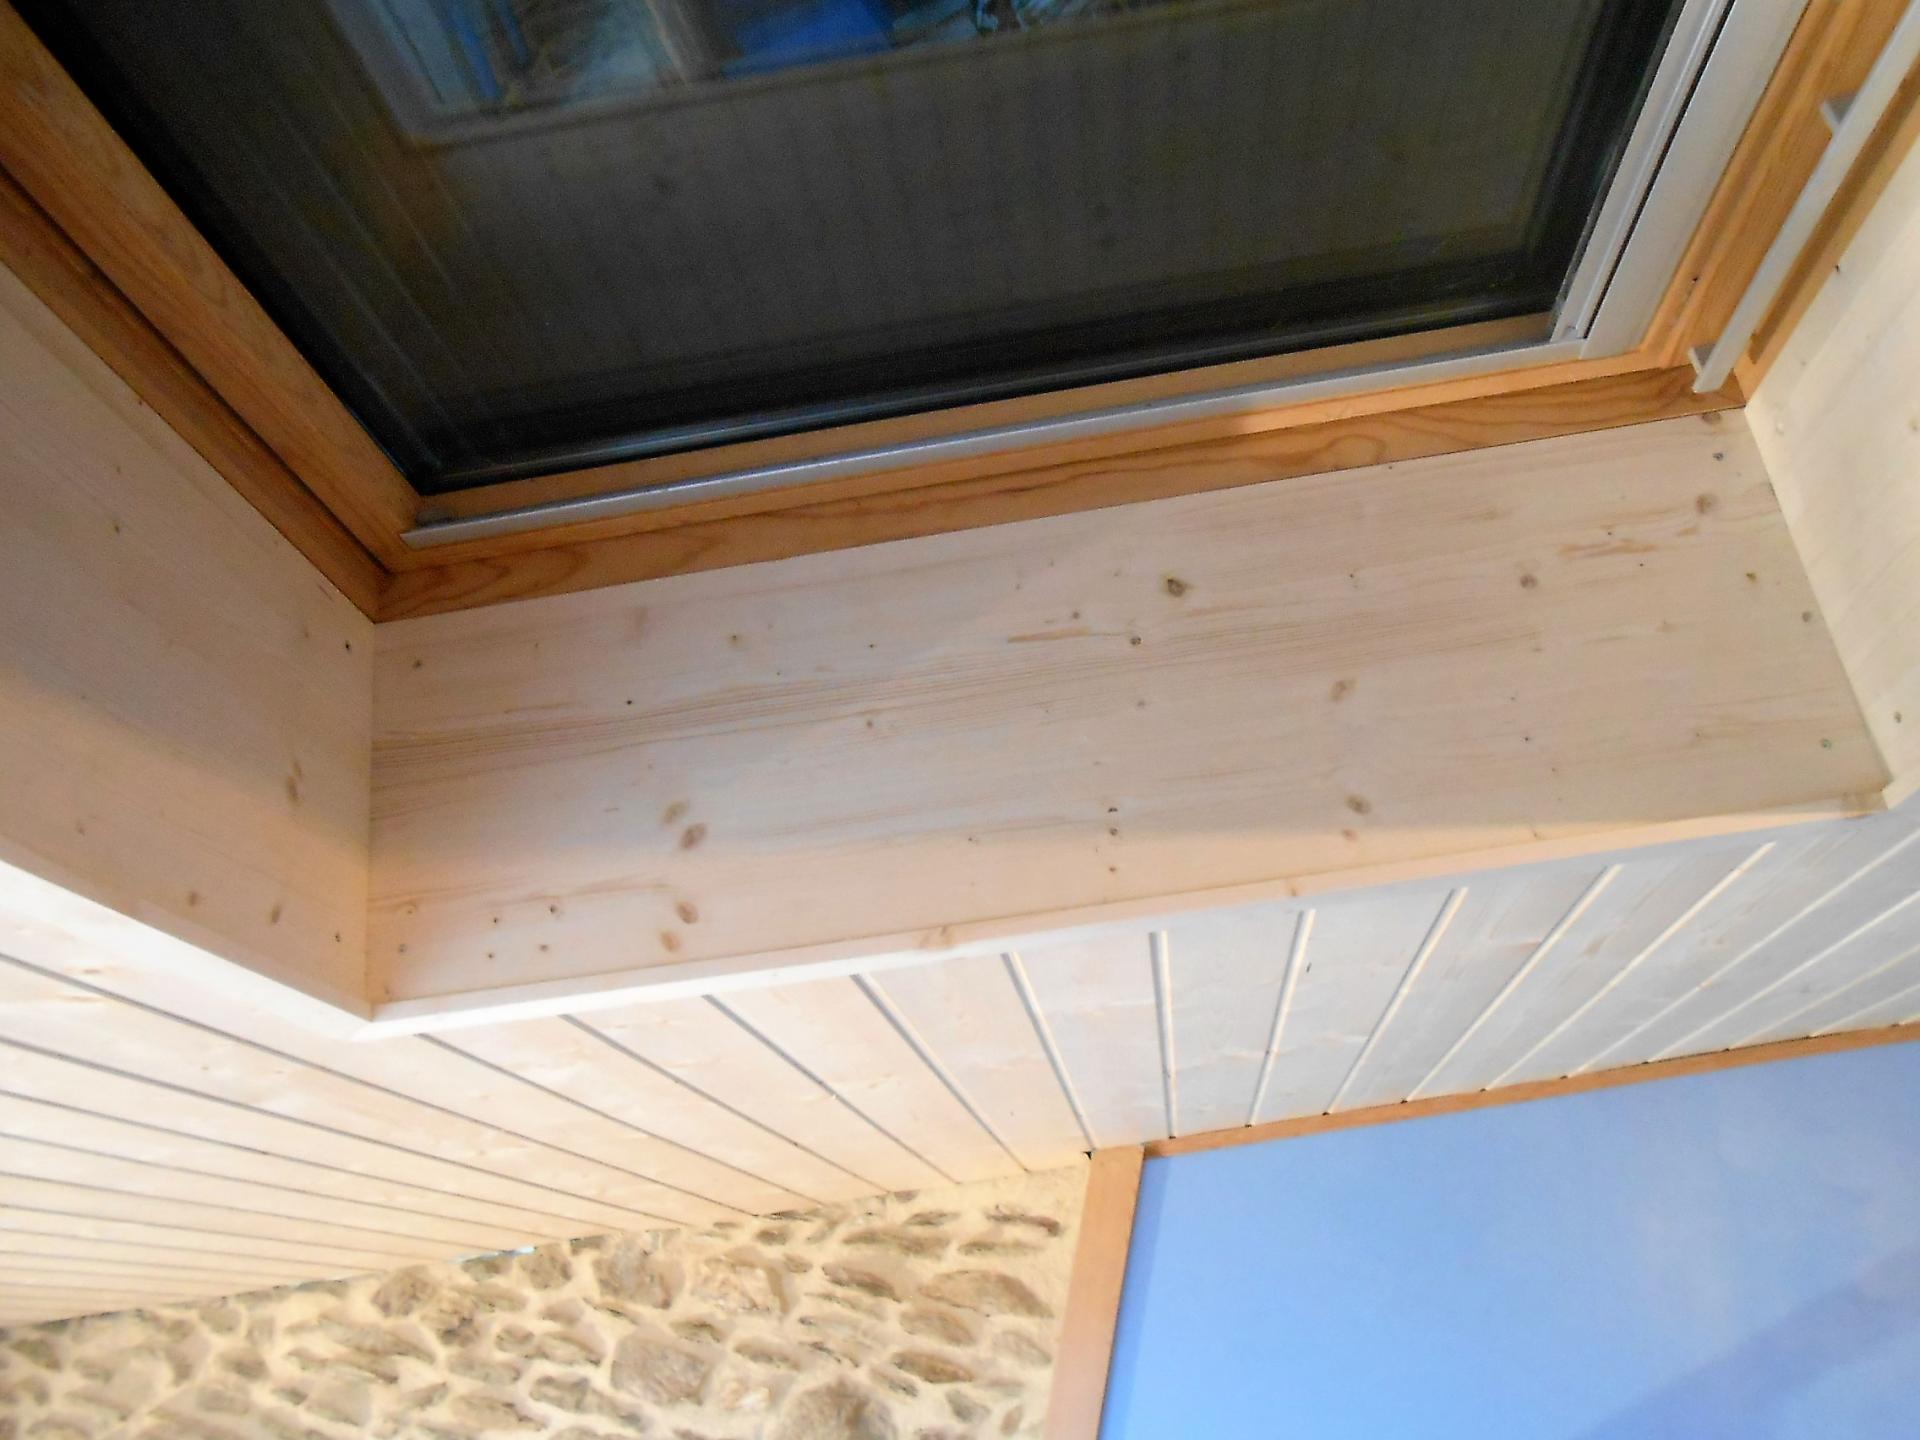 Isolation sous toiture janv16 - Isolation sous toiture fibrociment ...